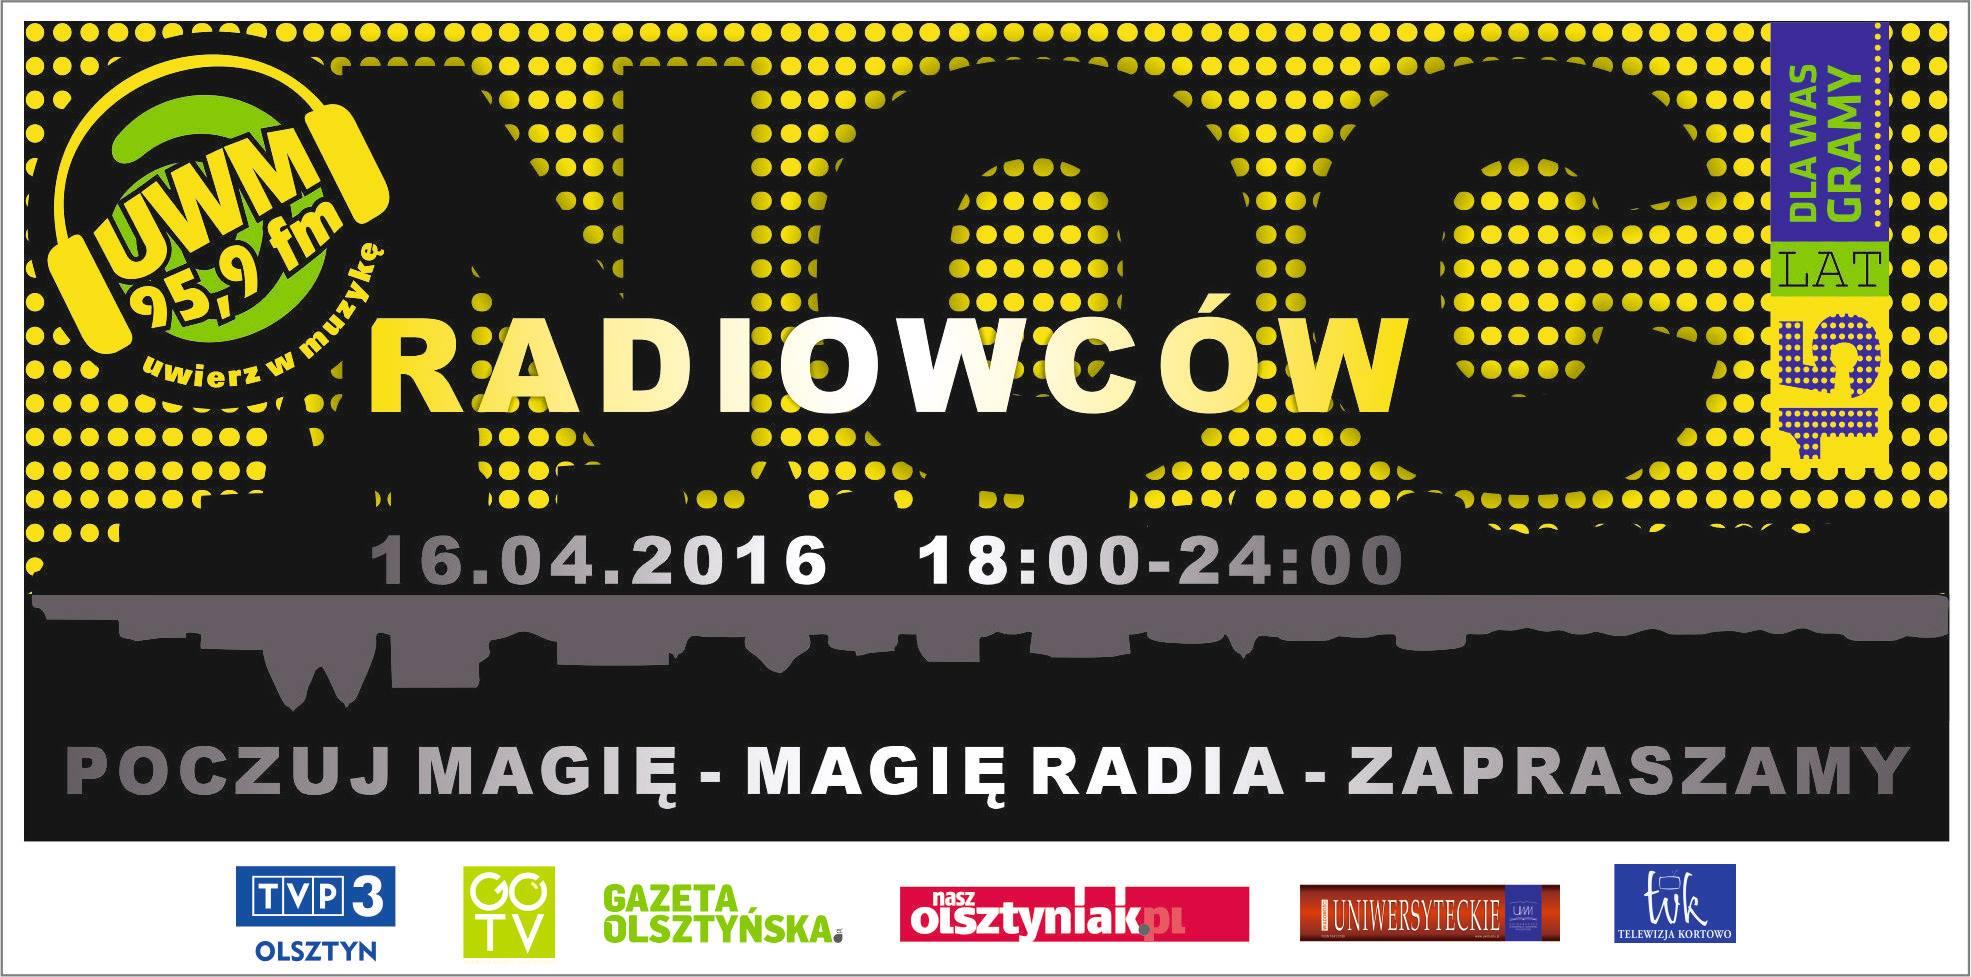 Poznaj Radio UWM FM od środka. Wybierz się na noc radiowców